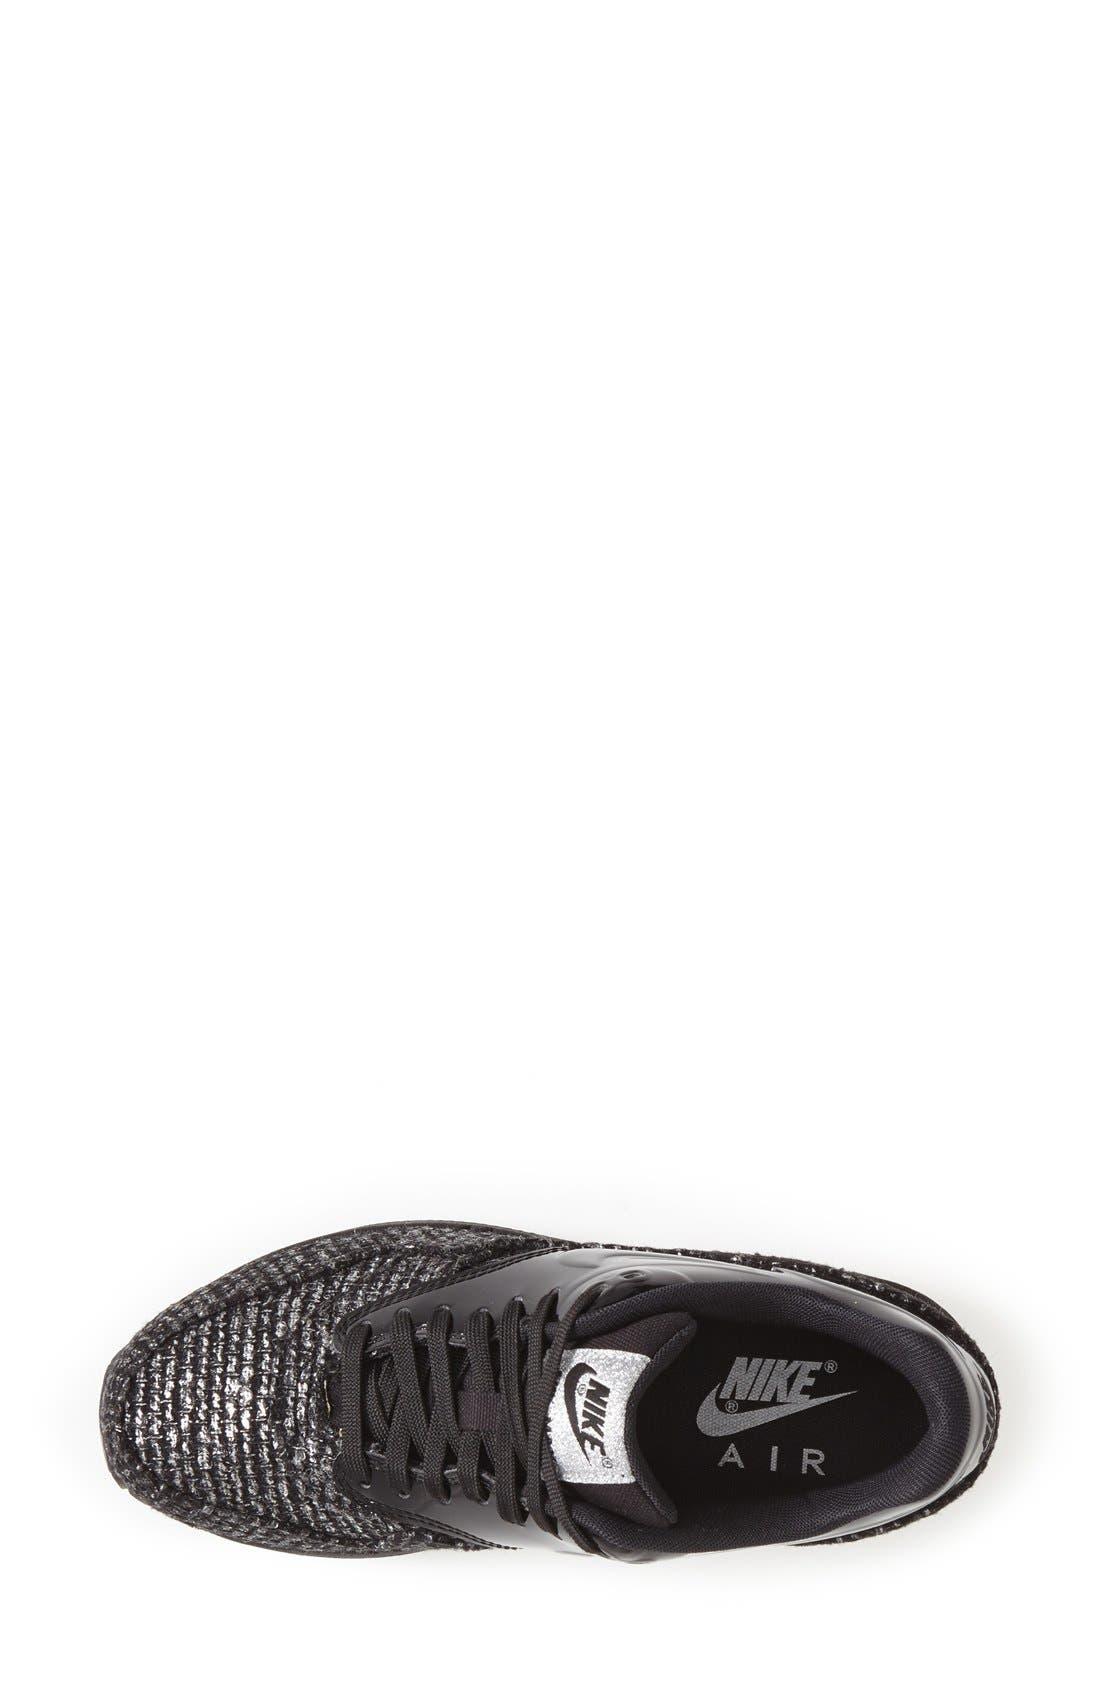 Alternate Image 3  - Nike 'Air Max 1 QS' Sneaker (Women)